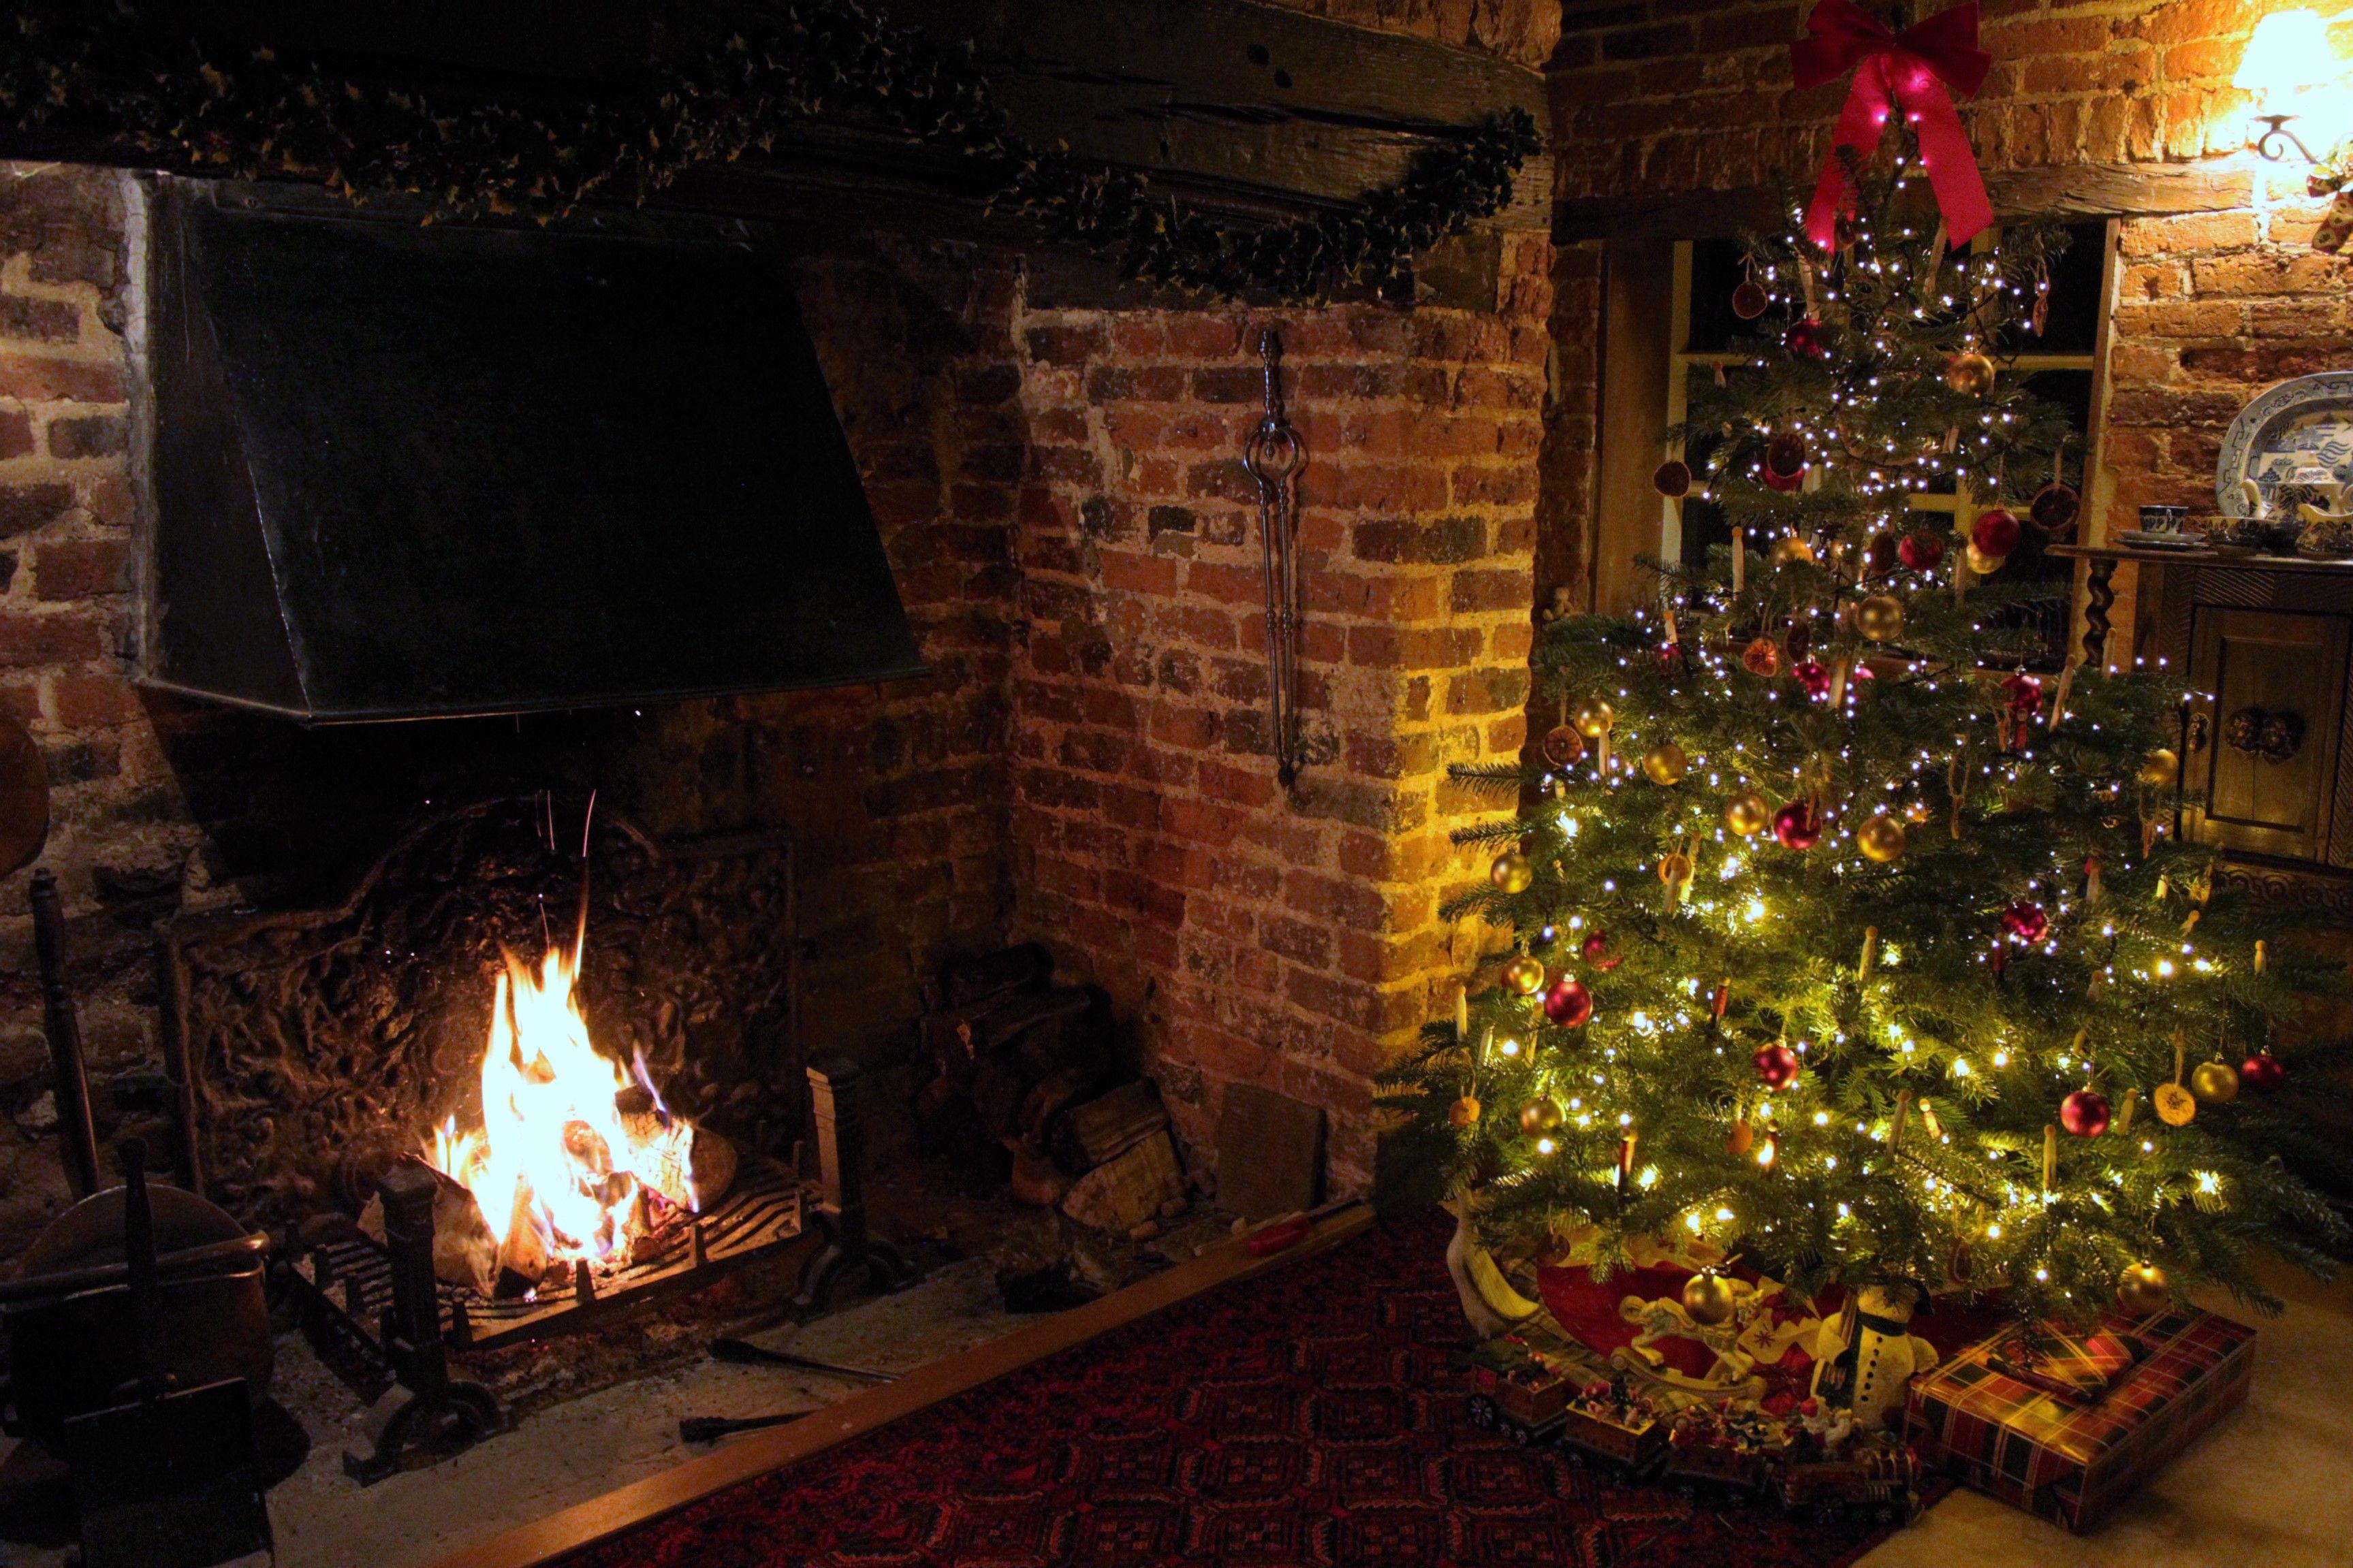 写真はクリスマス時期の母屋のラウンジの暖炉 ヴィクトリアンキャットアンティークス アンティークショップ アンティーク イギリス 英国 インテリア クリスマス クリスマスツリー ツリー 暖炉 暖炉 イギリス インテリア クリスマス 暖炉